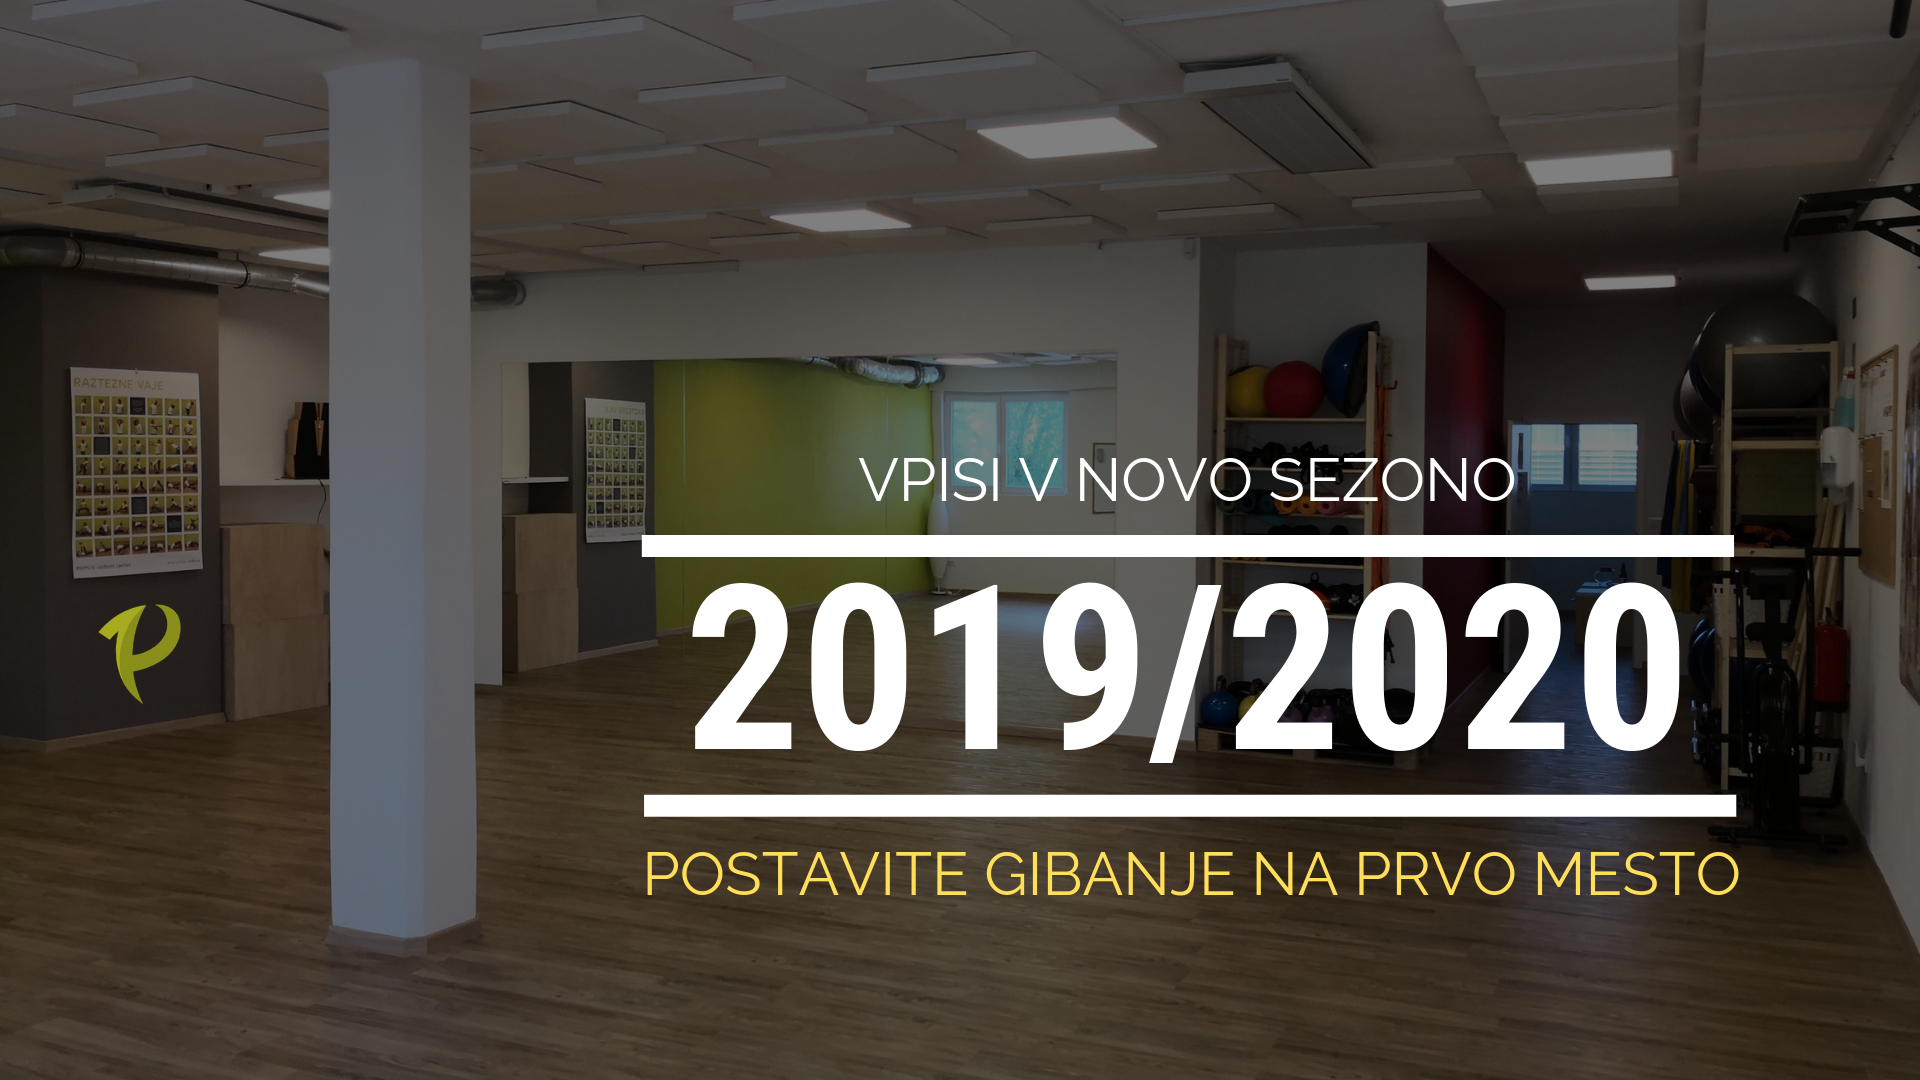 AKCIJA OB VPISU + Novosti V Primusu V Sezoni 2019/2020